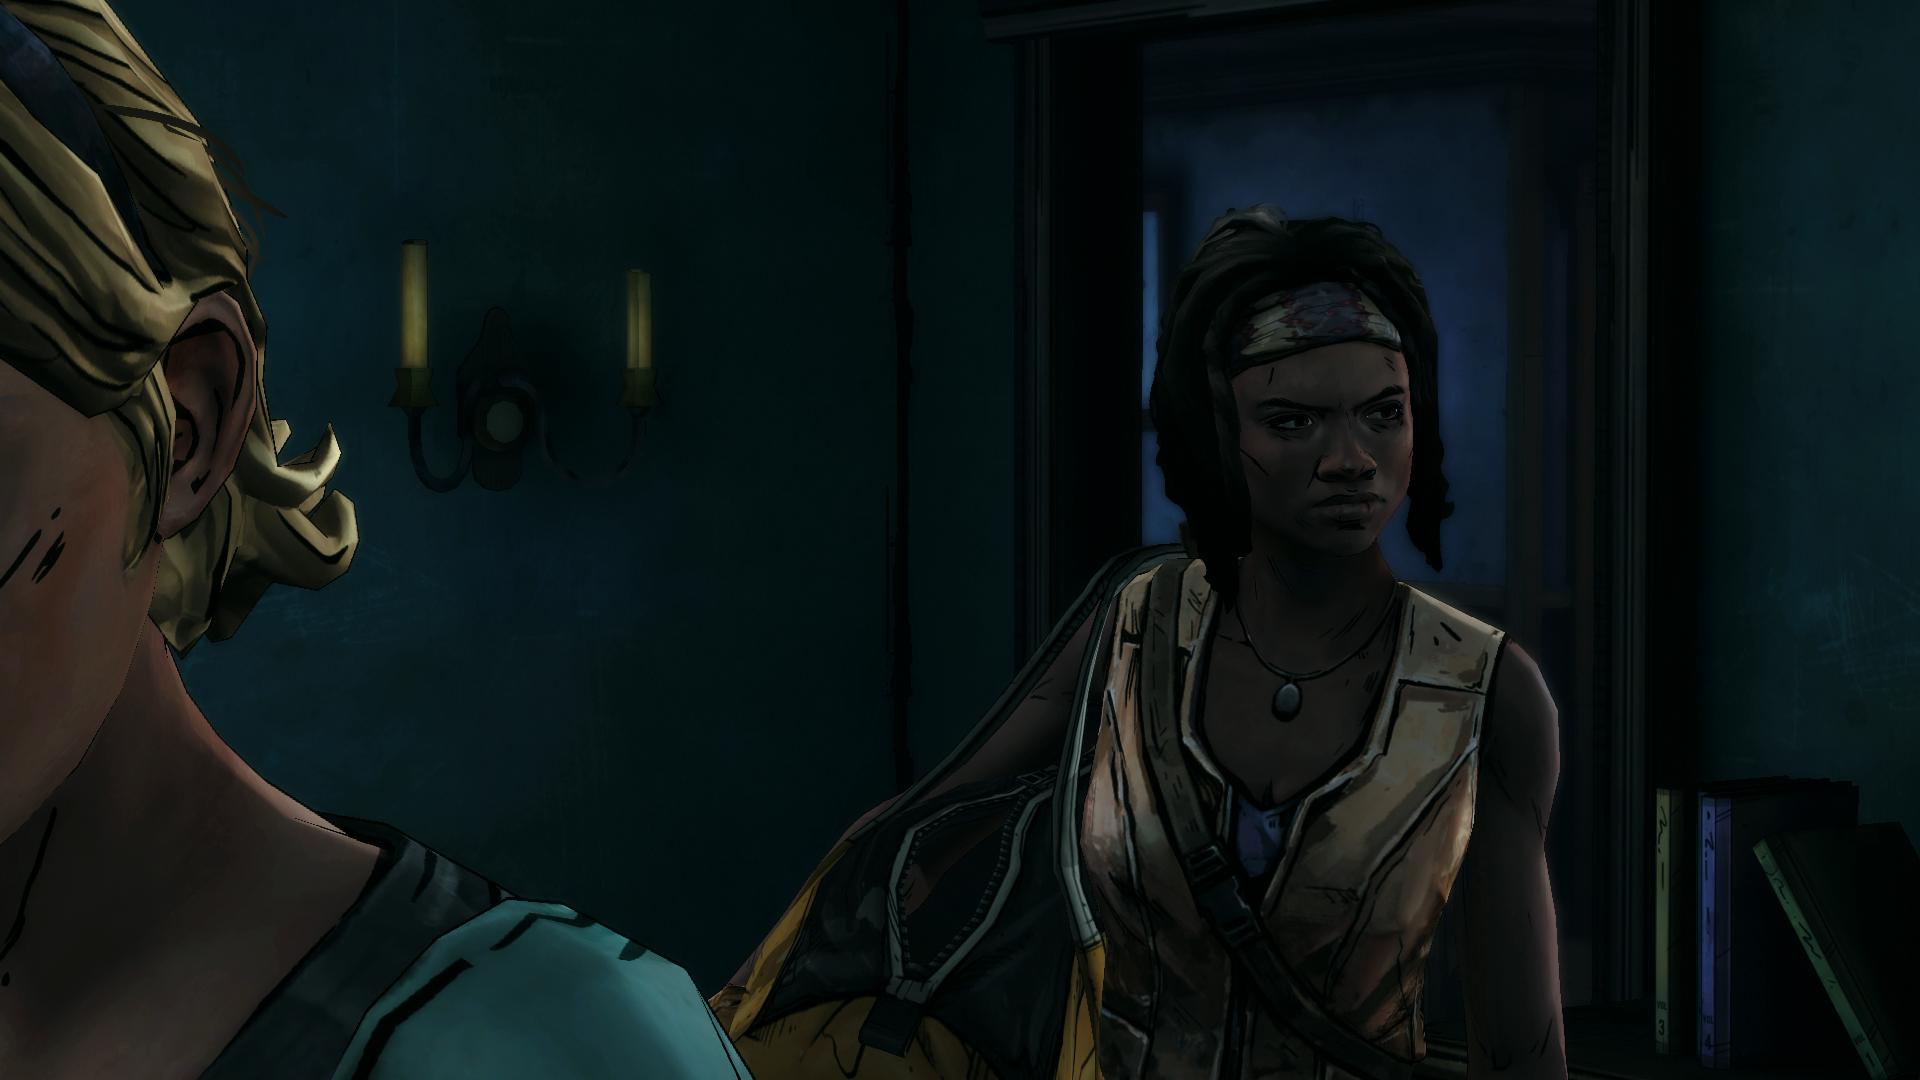 The Walking Dead: Michonne: Episode 3 - What We Deserve